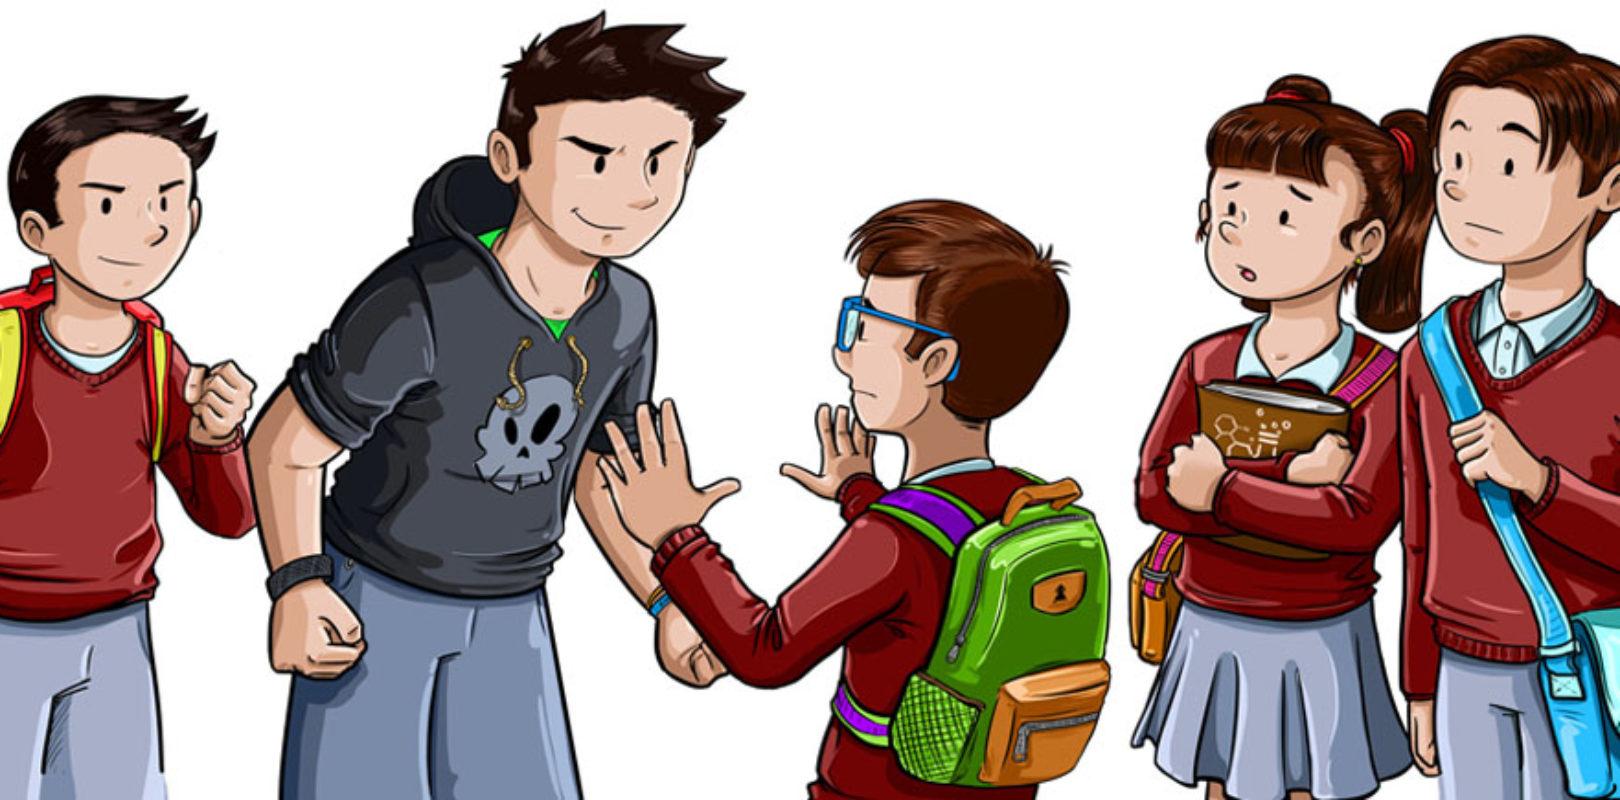 Bild (Comic) Mobbing in der Schule